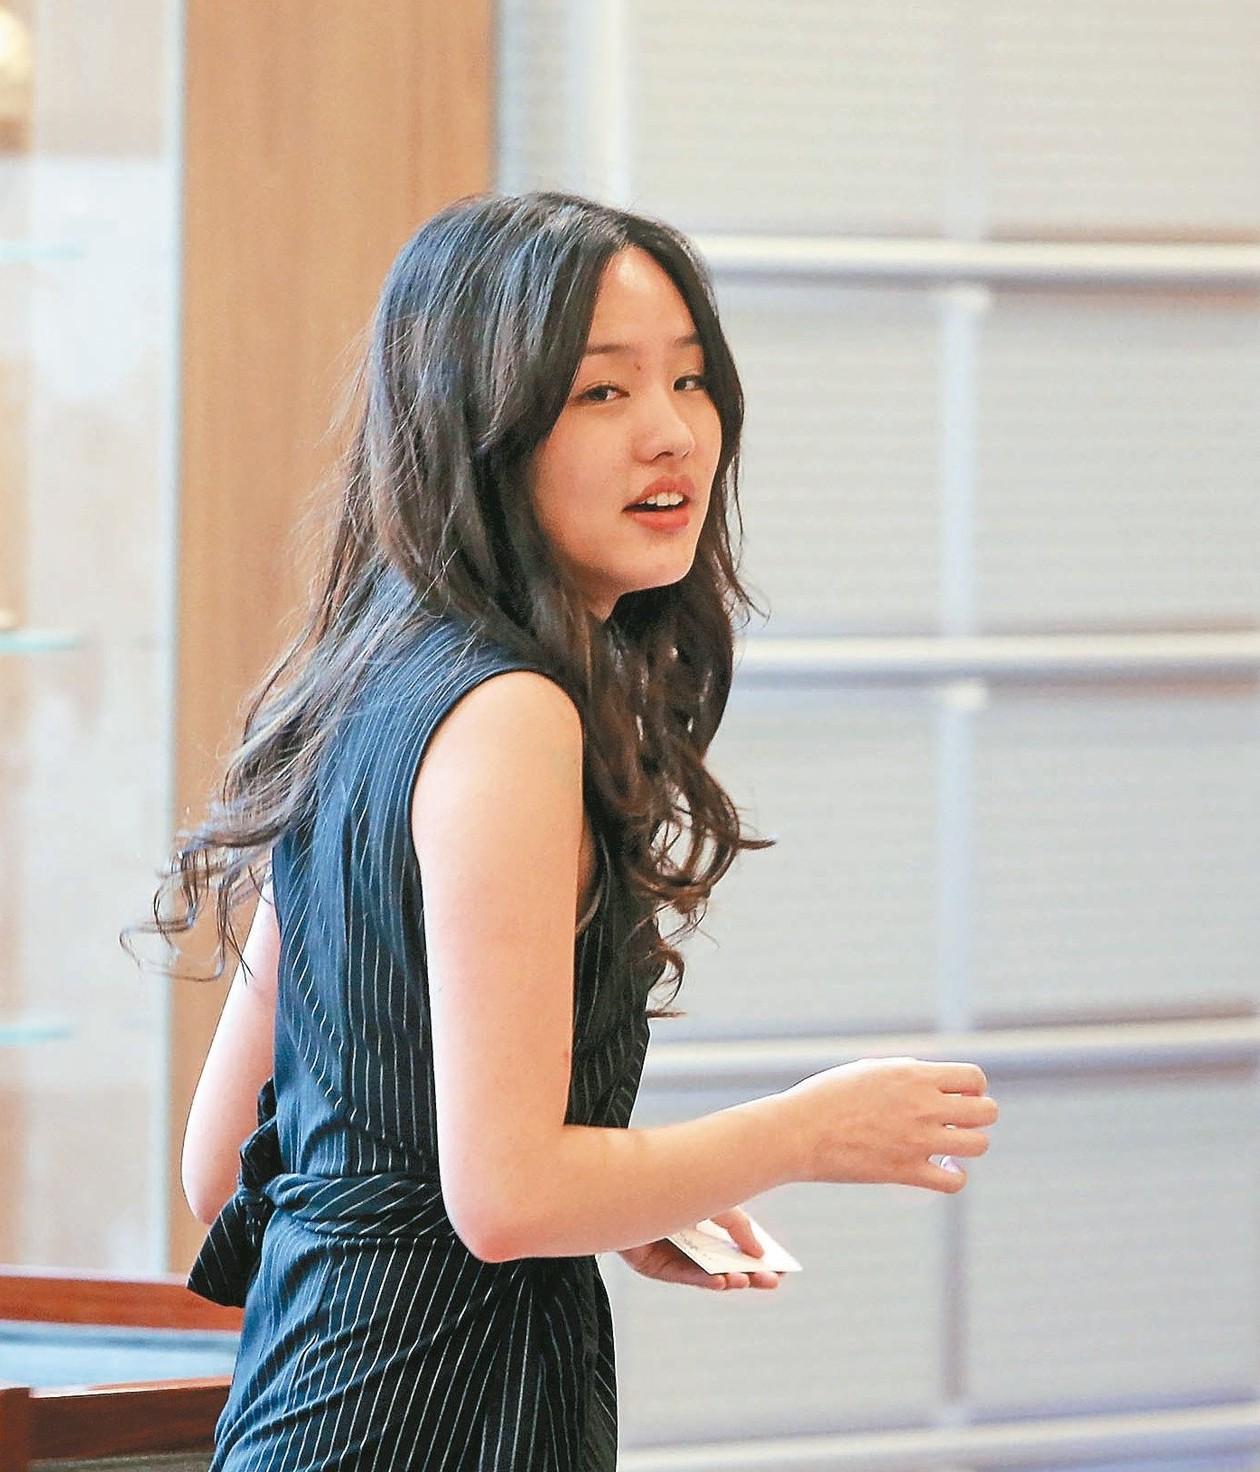 韓國瑜妻子李佳芬以前照顧韓冰姊弟,天天1打3,也有快抓狂的時候。 圖/聯合報系資...